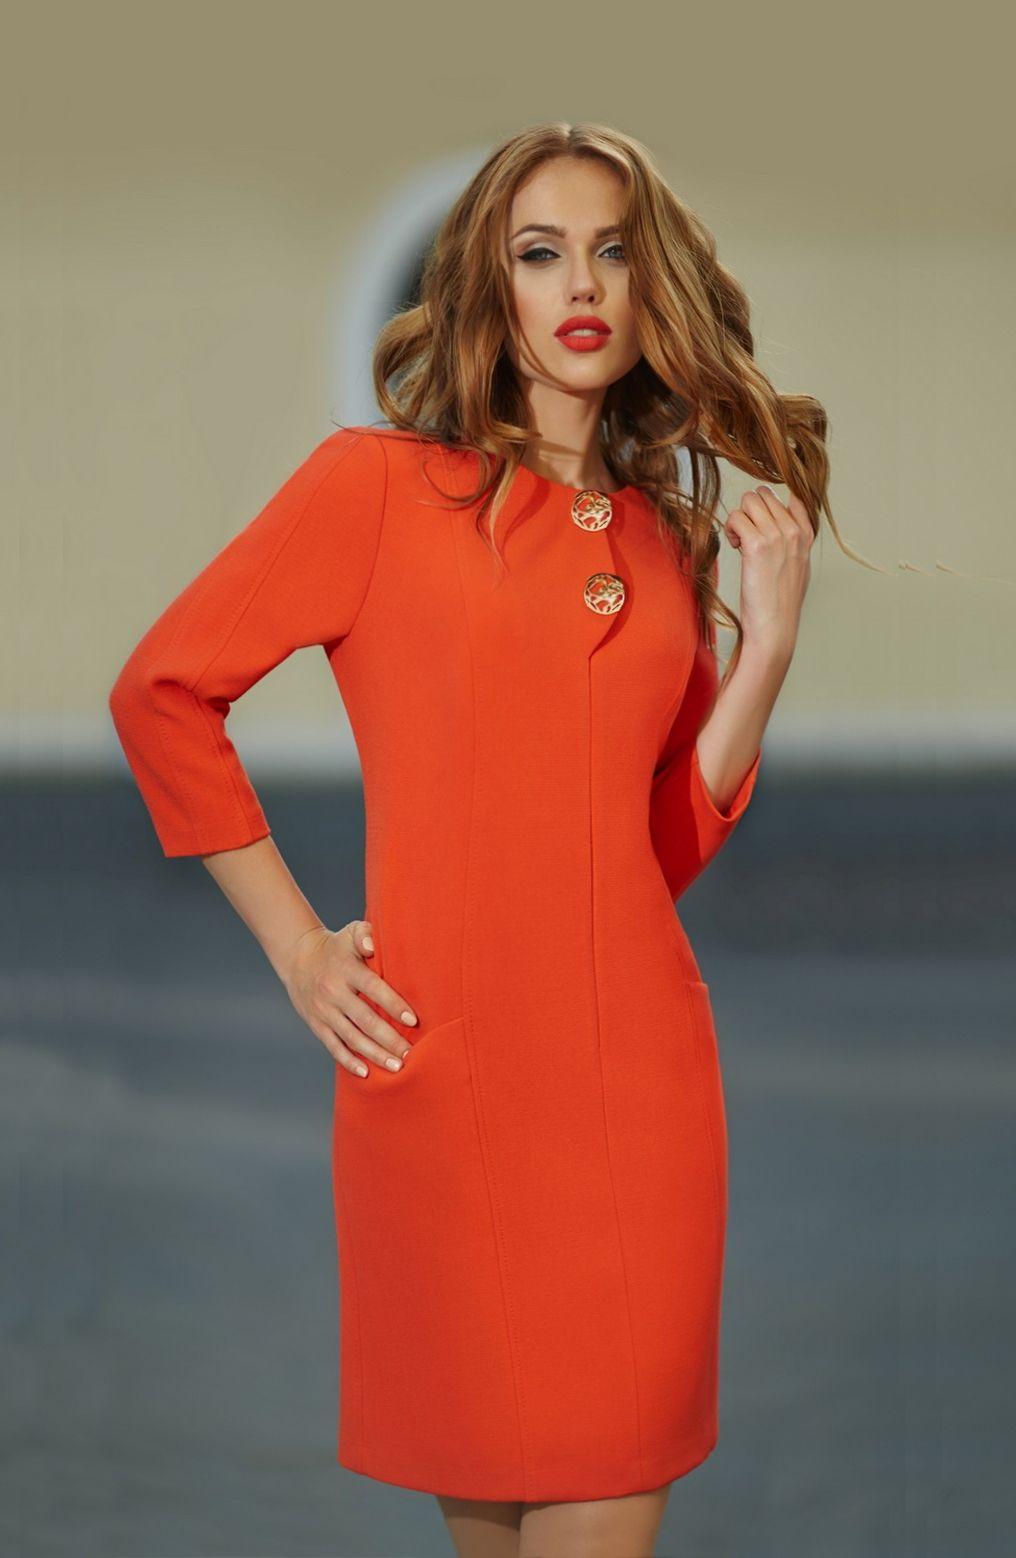 Beliebte rotes kleid Sommer in der Modewelt | Rotes kleid